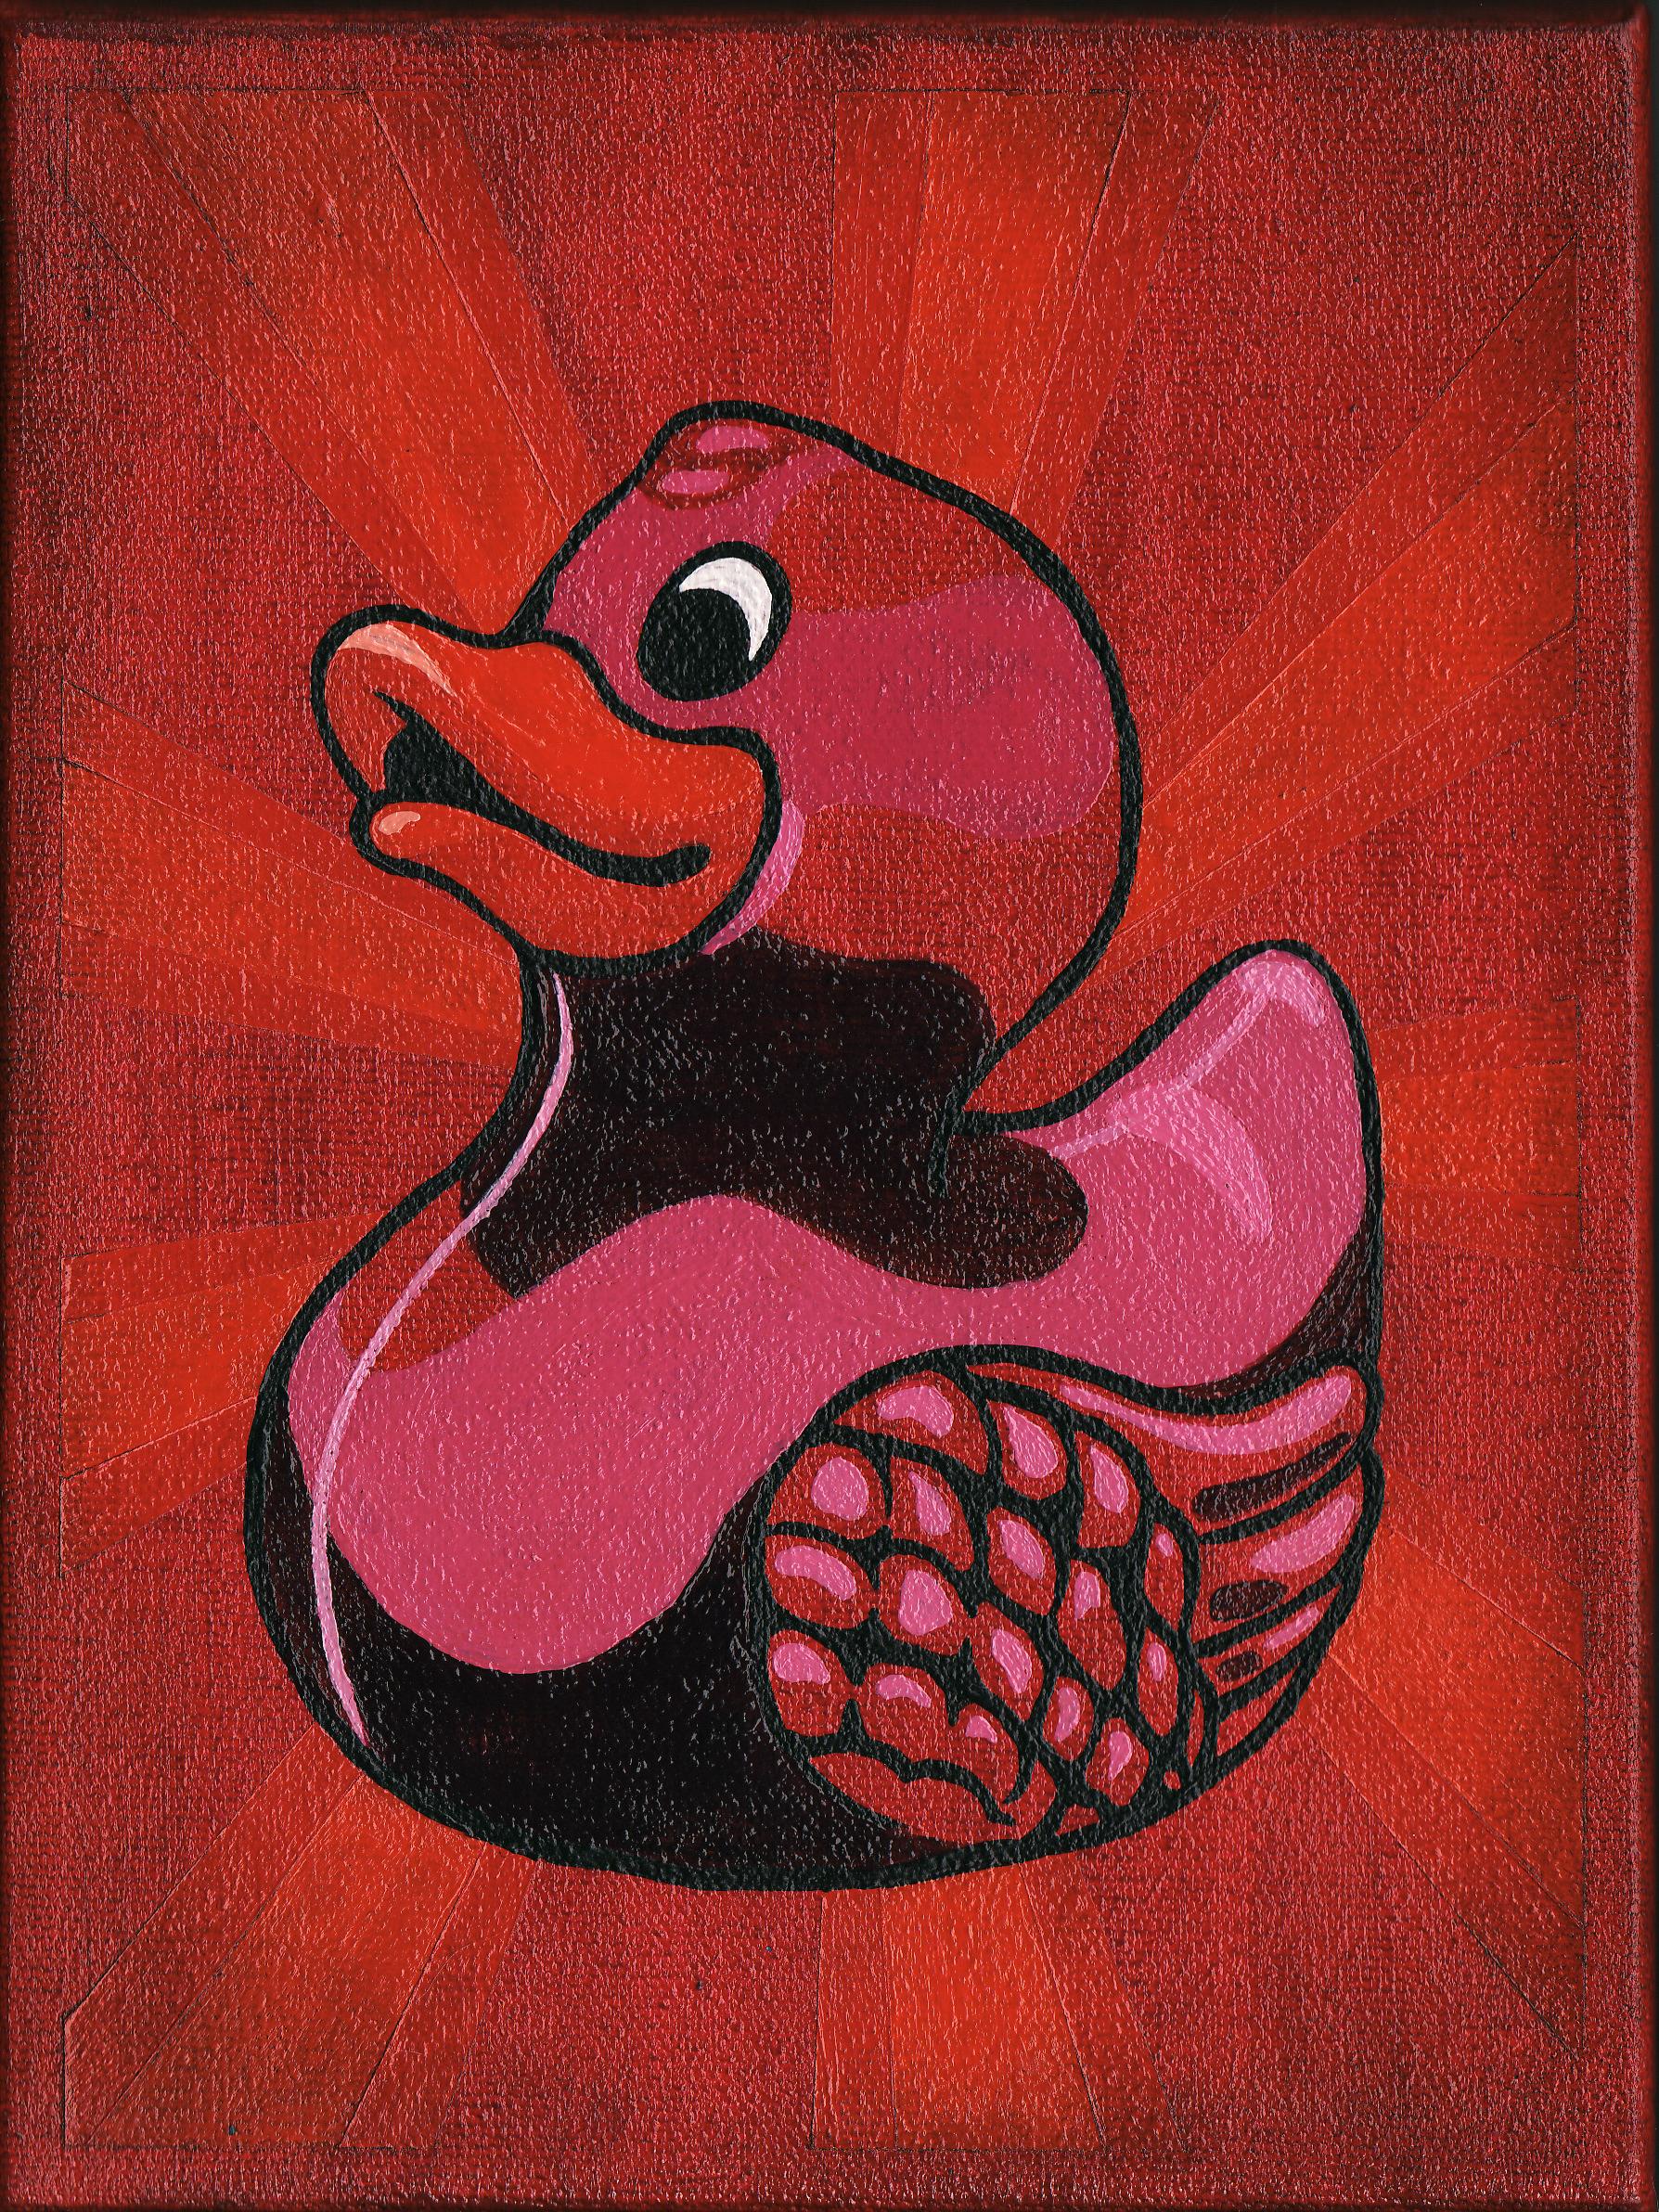 Rubber Duckie #1